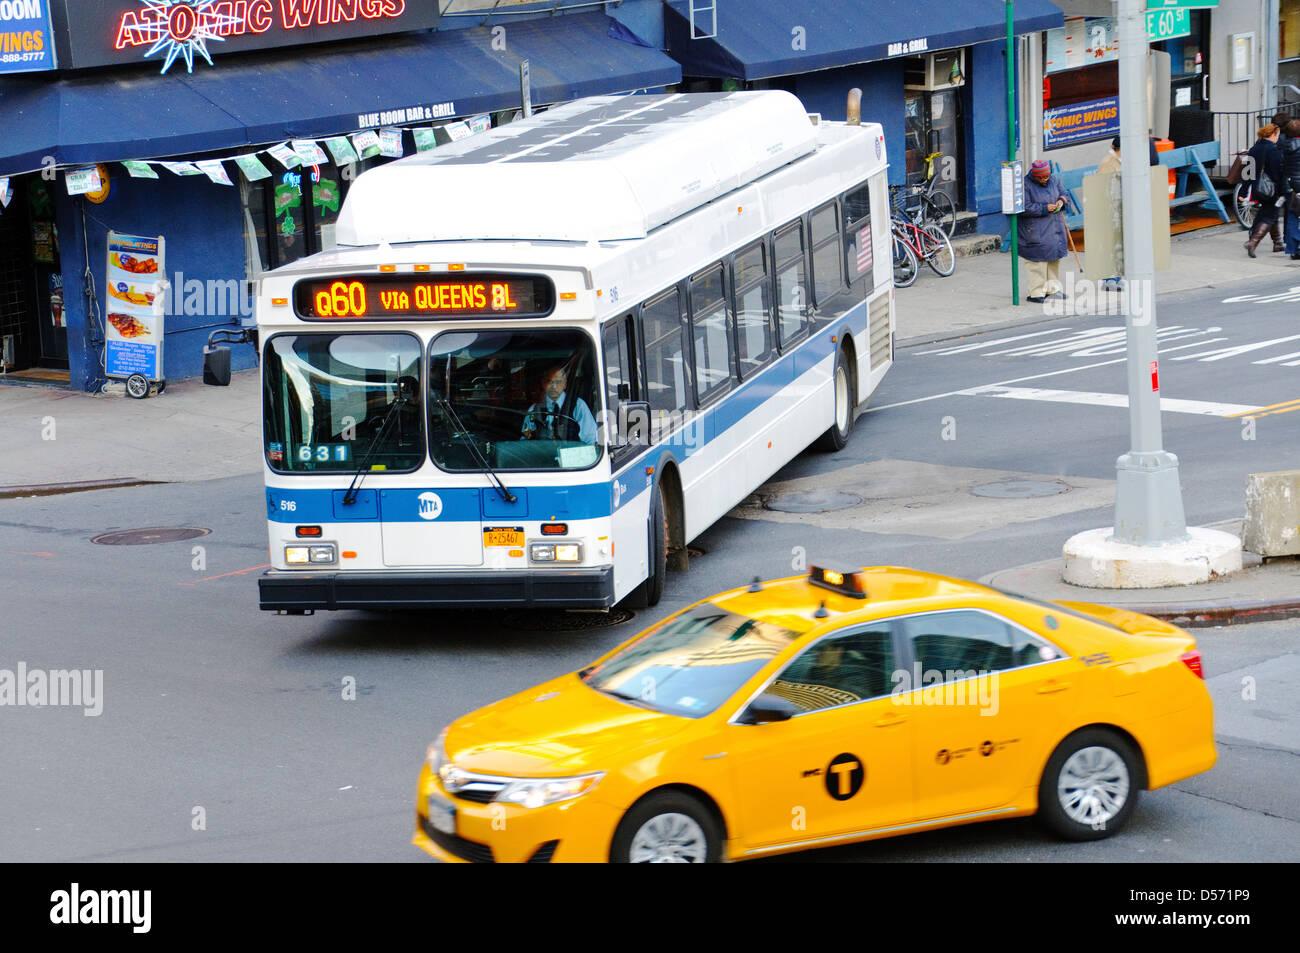 Mta Bus Stop Stock Photos & Mta Bus Stop Stock Images - Alamy Q Bus Map on q25 bus map, q84 bus map, q104 bus map, q112 bus map, q44 bus map, q30 bus map, q66 bus map, q17 bus map, m60 bus map, q83 bus map, q20 bus map, q35 bus map, q102 bus map, new york bus route map, q20a bus map, q24 bus map, q76 bus map, q65 bus map, b82 bus map, q55 bus map,